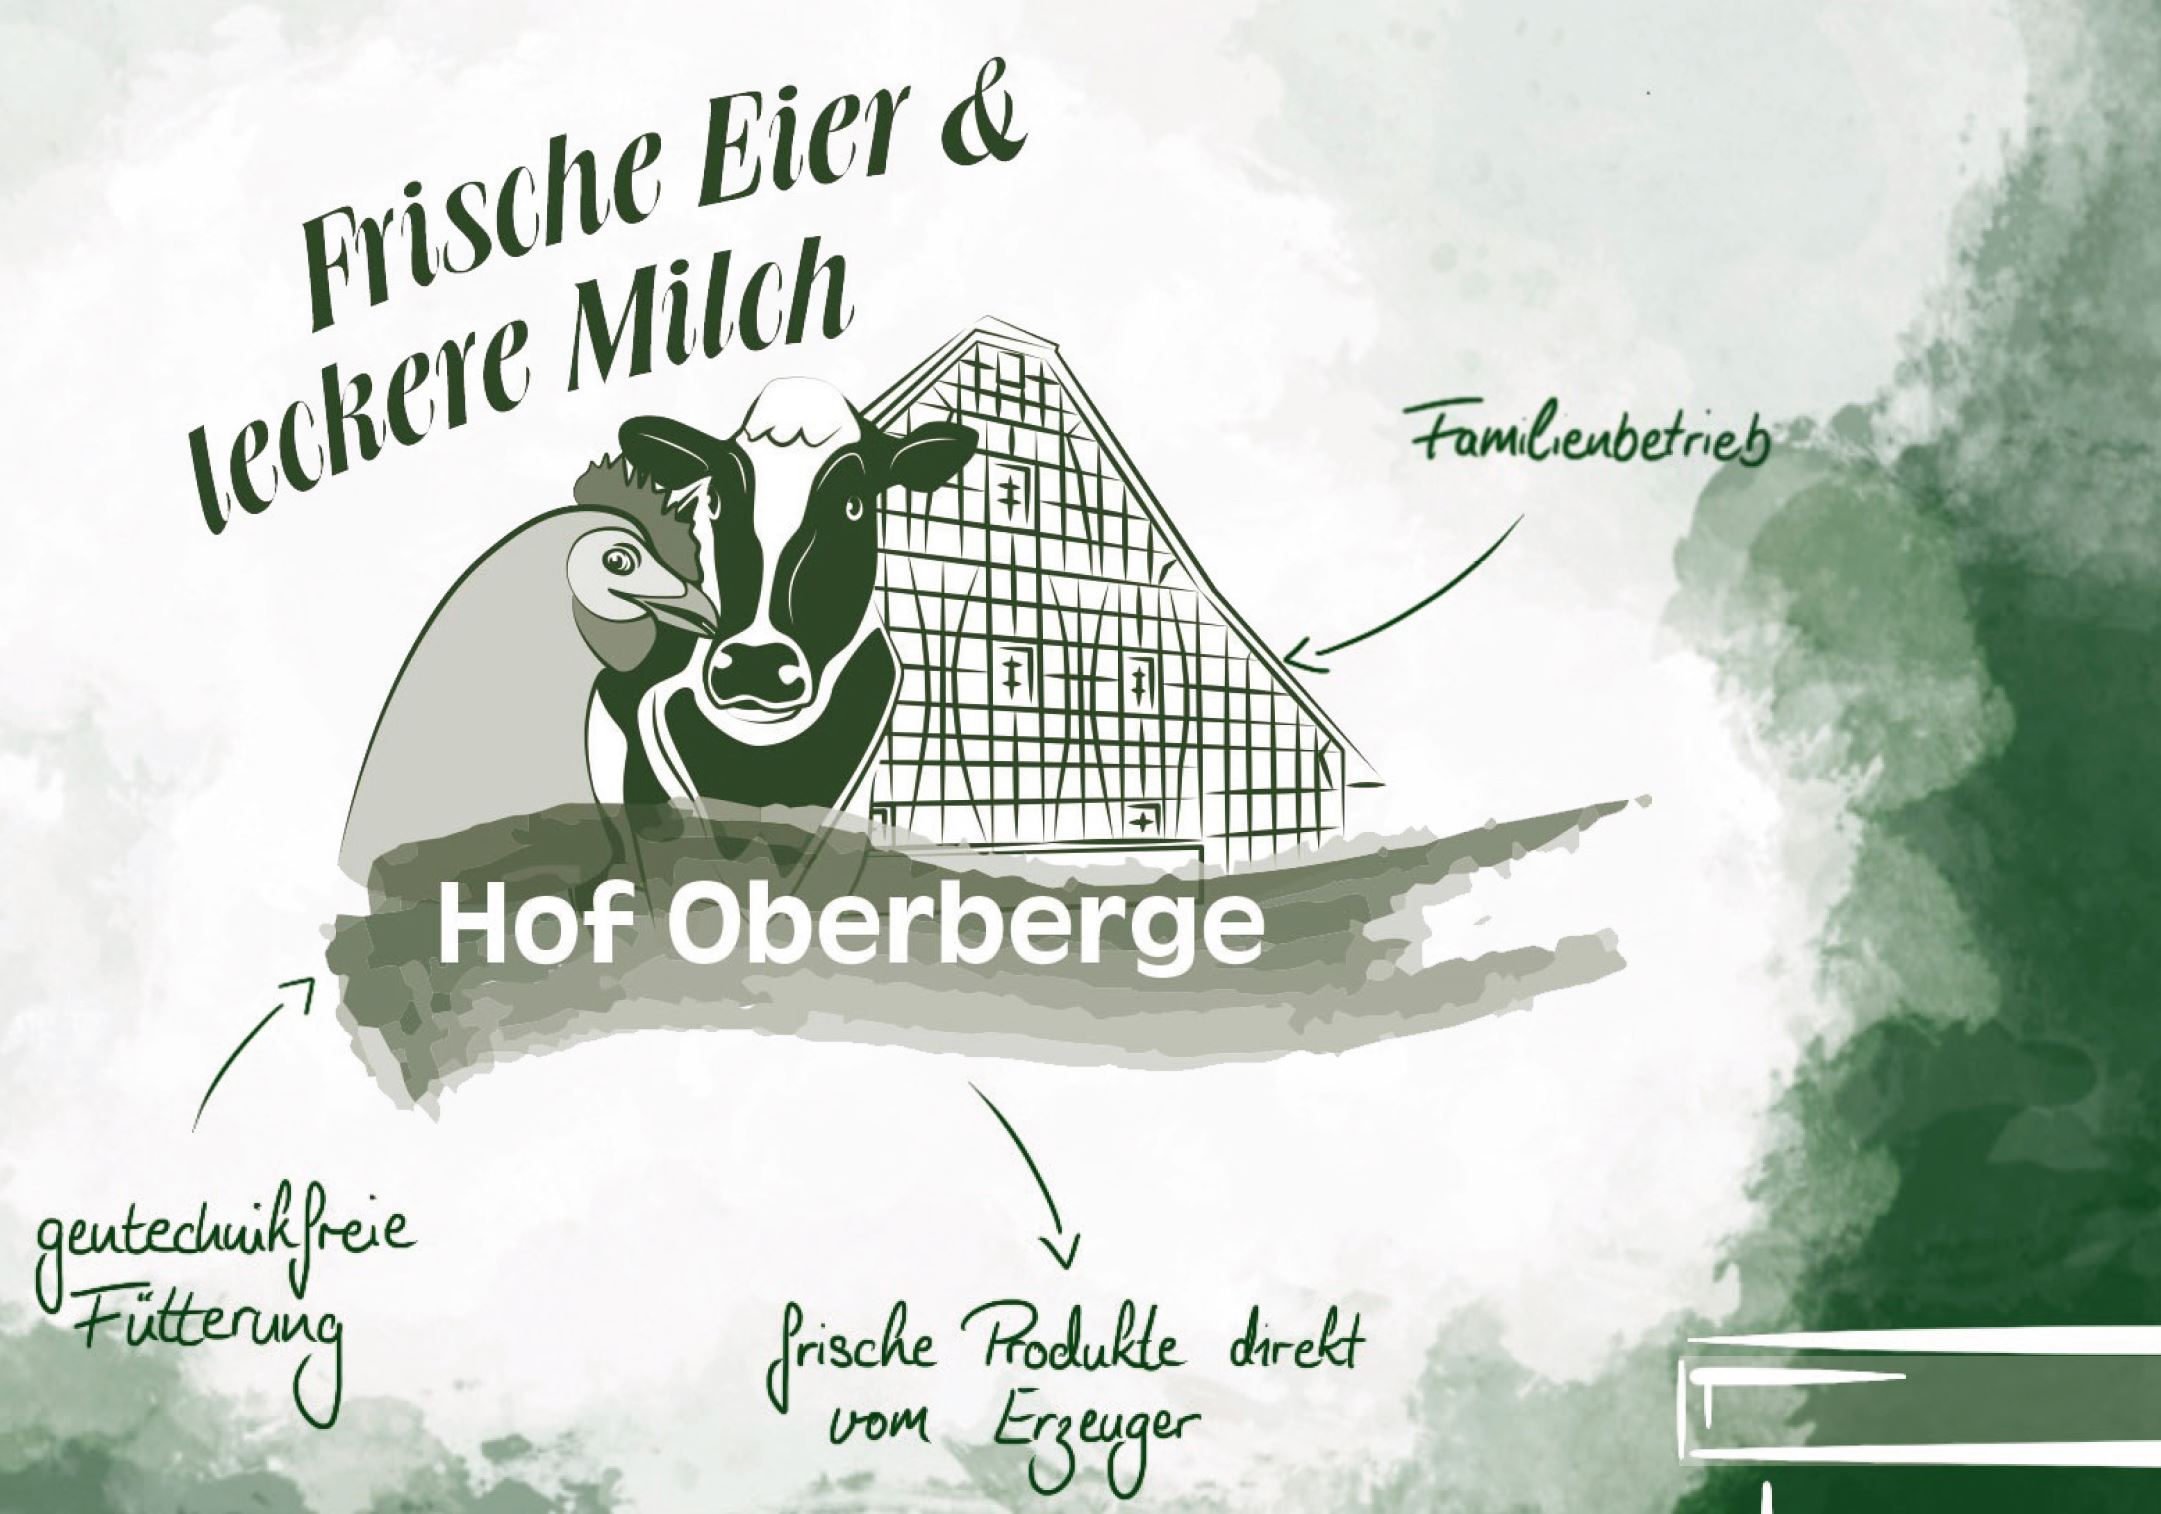 Logo Hof Oberberge mit Angaben zu frischen Eiern und frischer Milch auf einem weiß-grünen Hintergrund